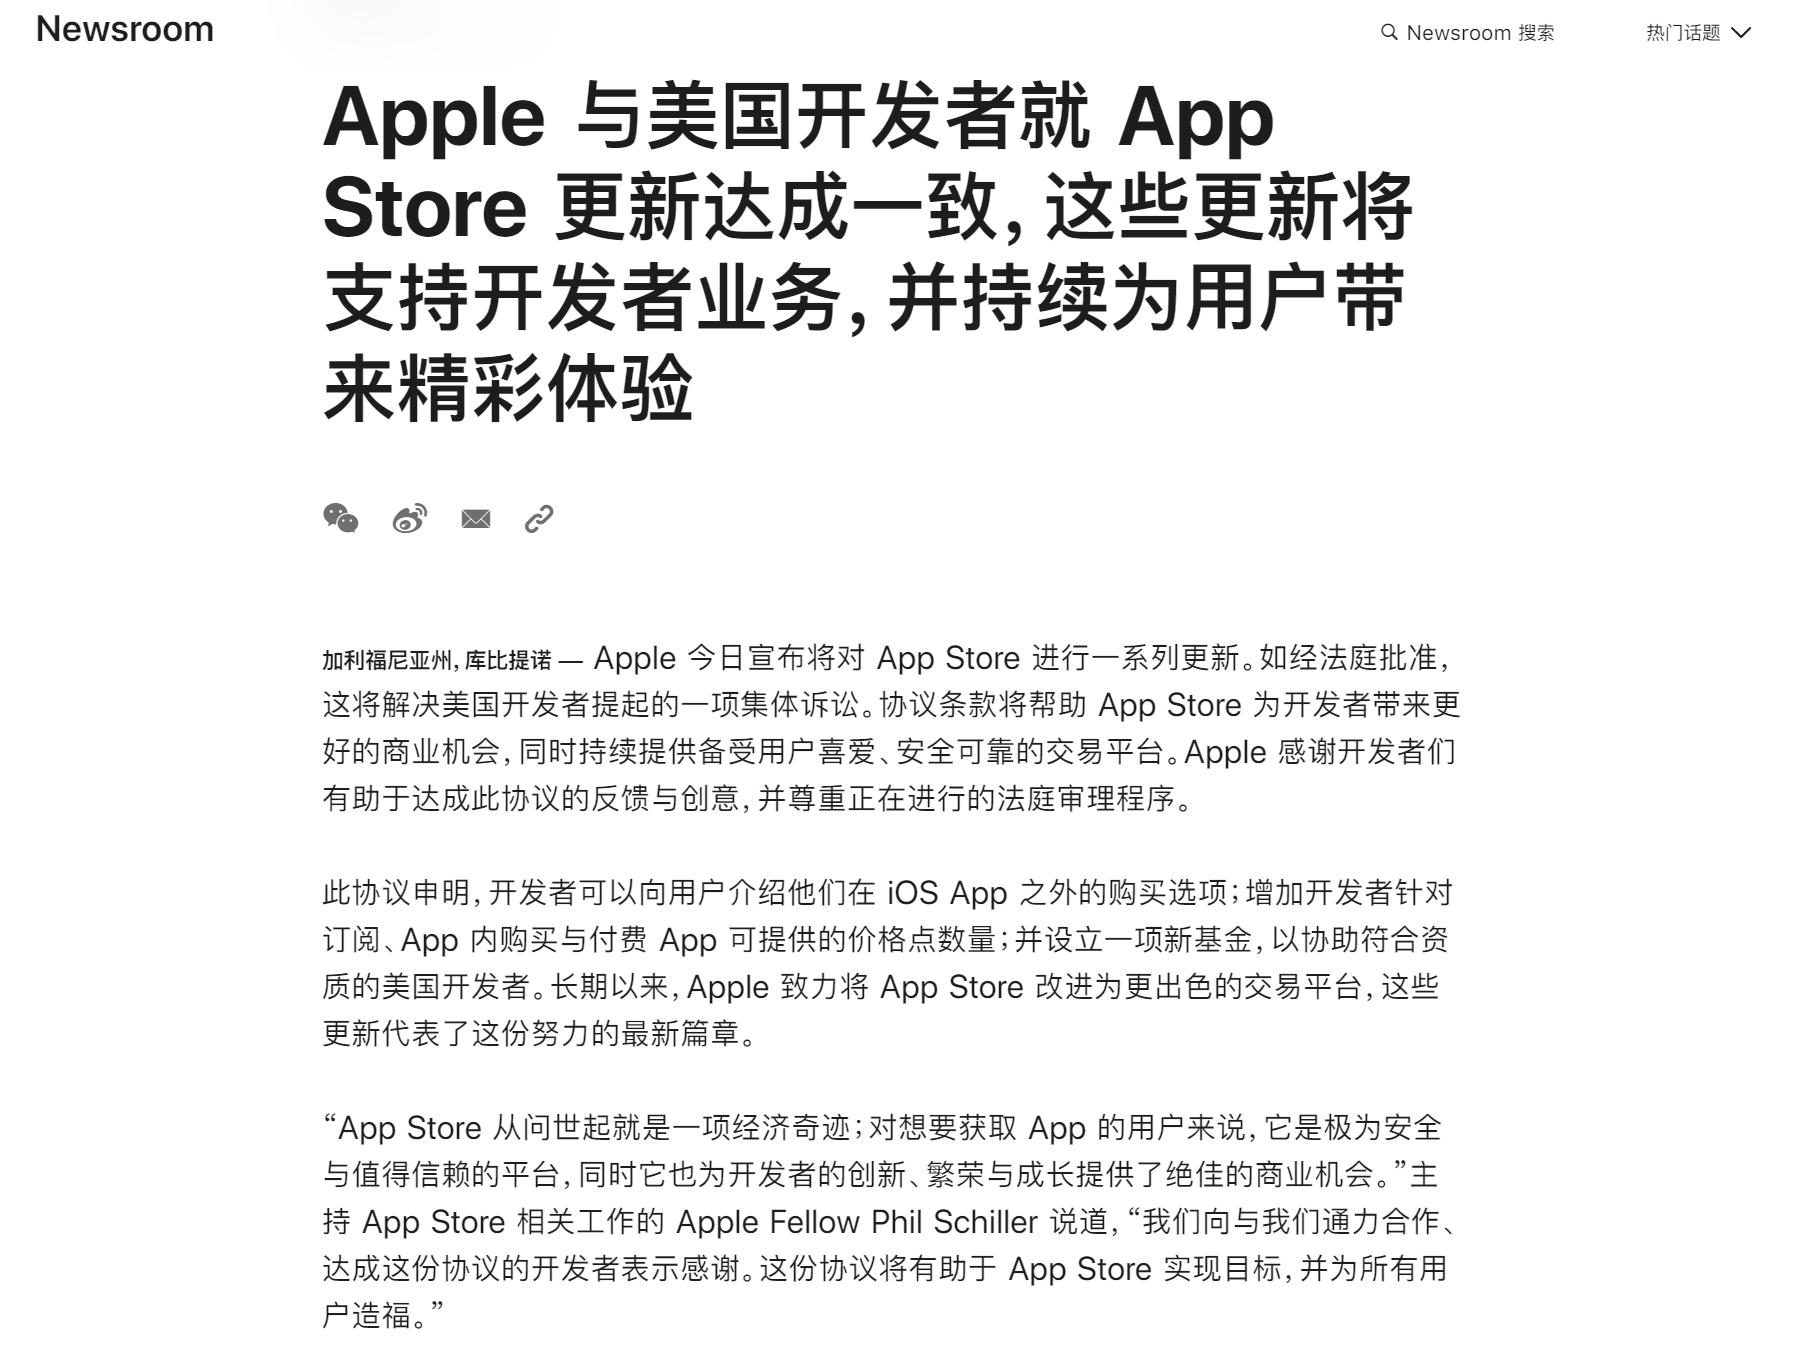 苹果App Store最近更新了什么?苹果用户充值不用再交佣金是怎么回事?